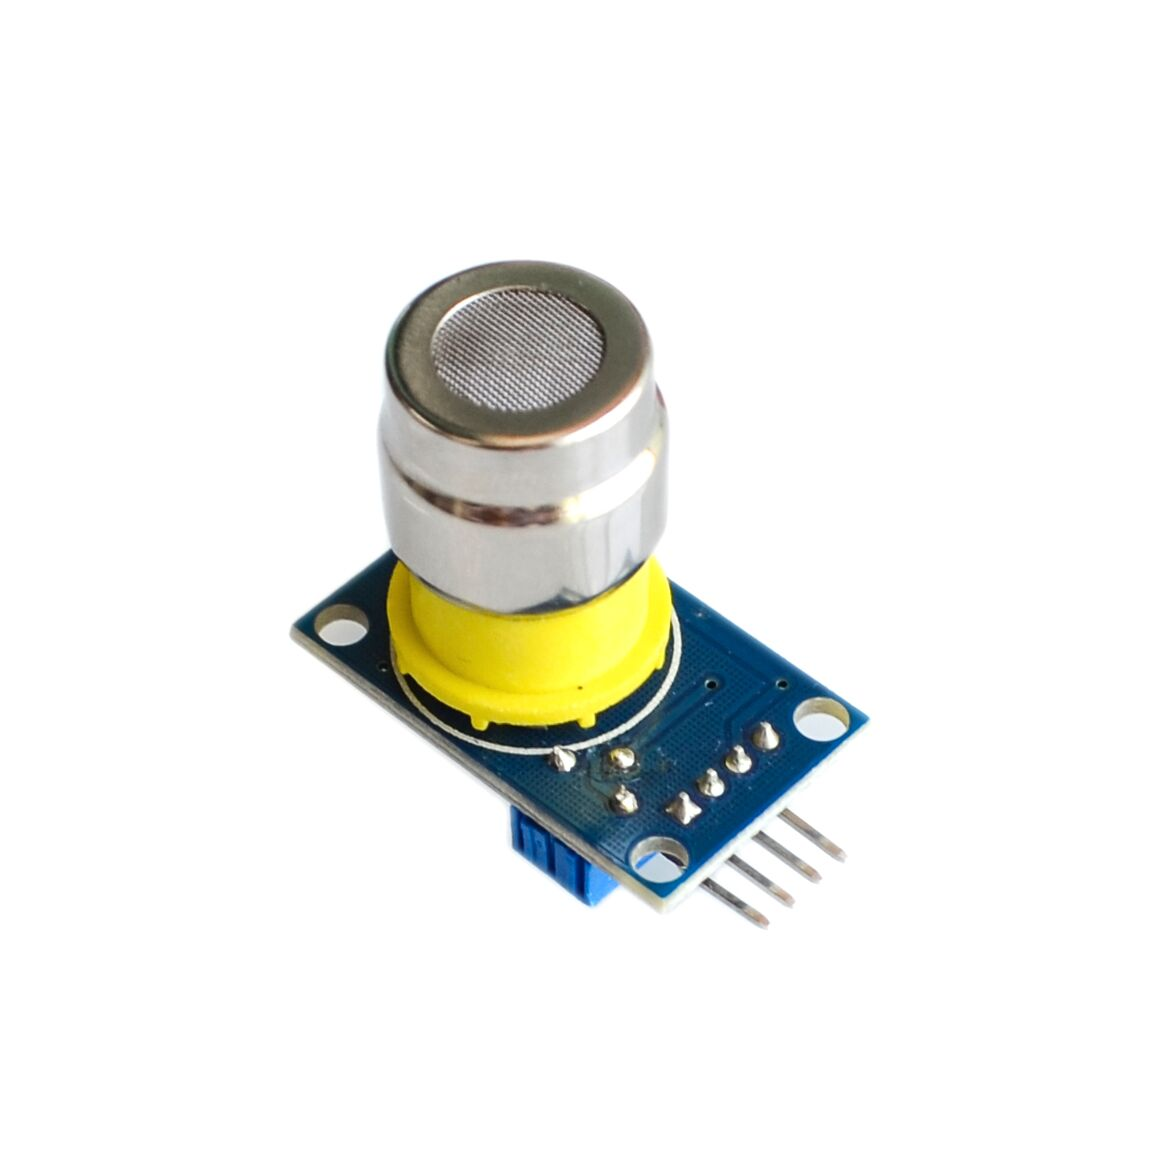 MG811 carbon dioxide sensor, CO2 sensor, gas sensor moduleMG811 carbon dioxide sensor, CO2 sensor, gas sensor module